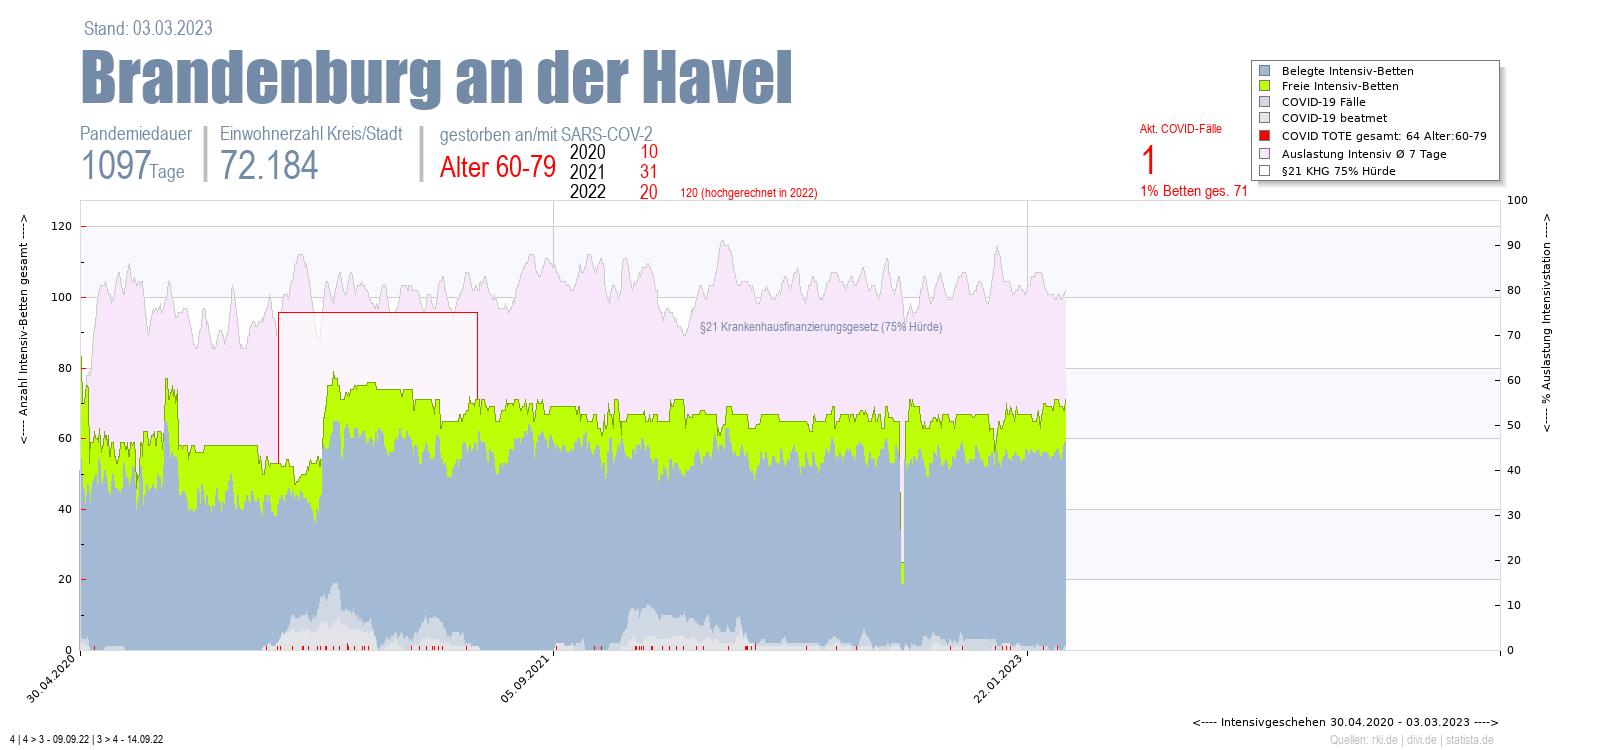 Intensivstation Auslastung Brandenburg an der Havel Alter 0-4